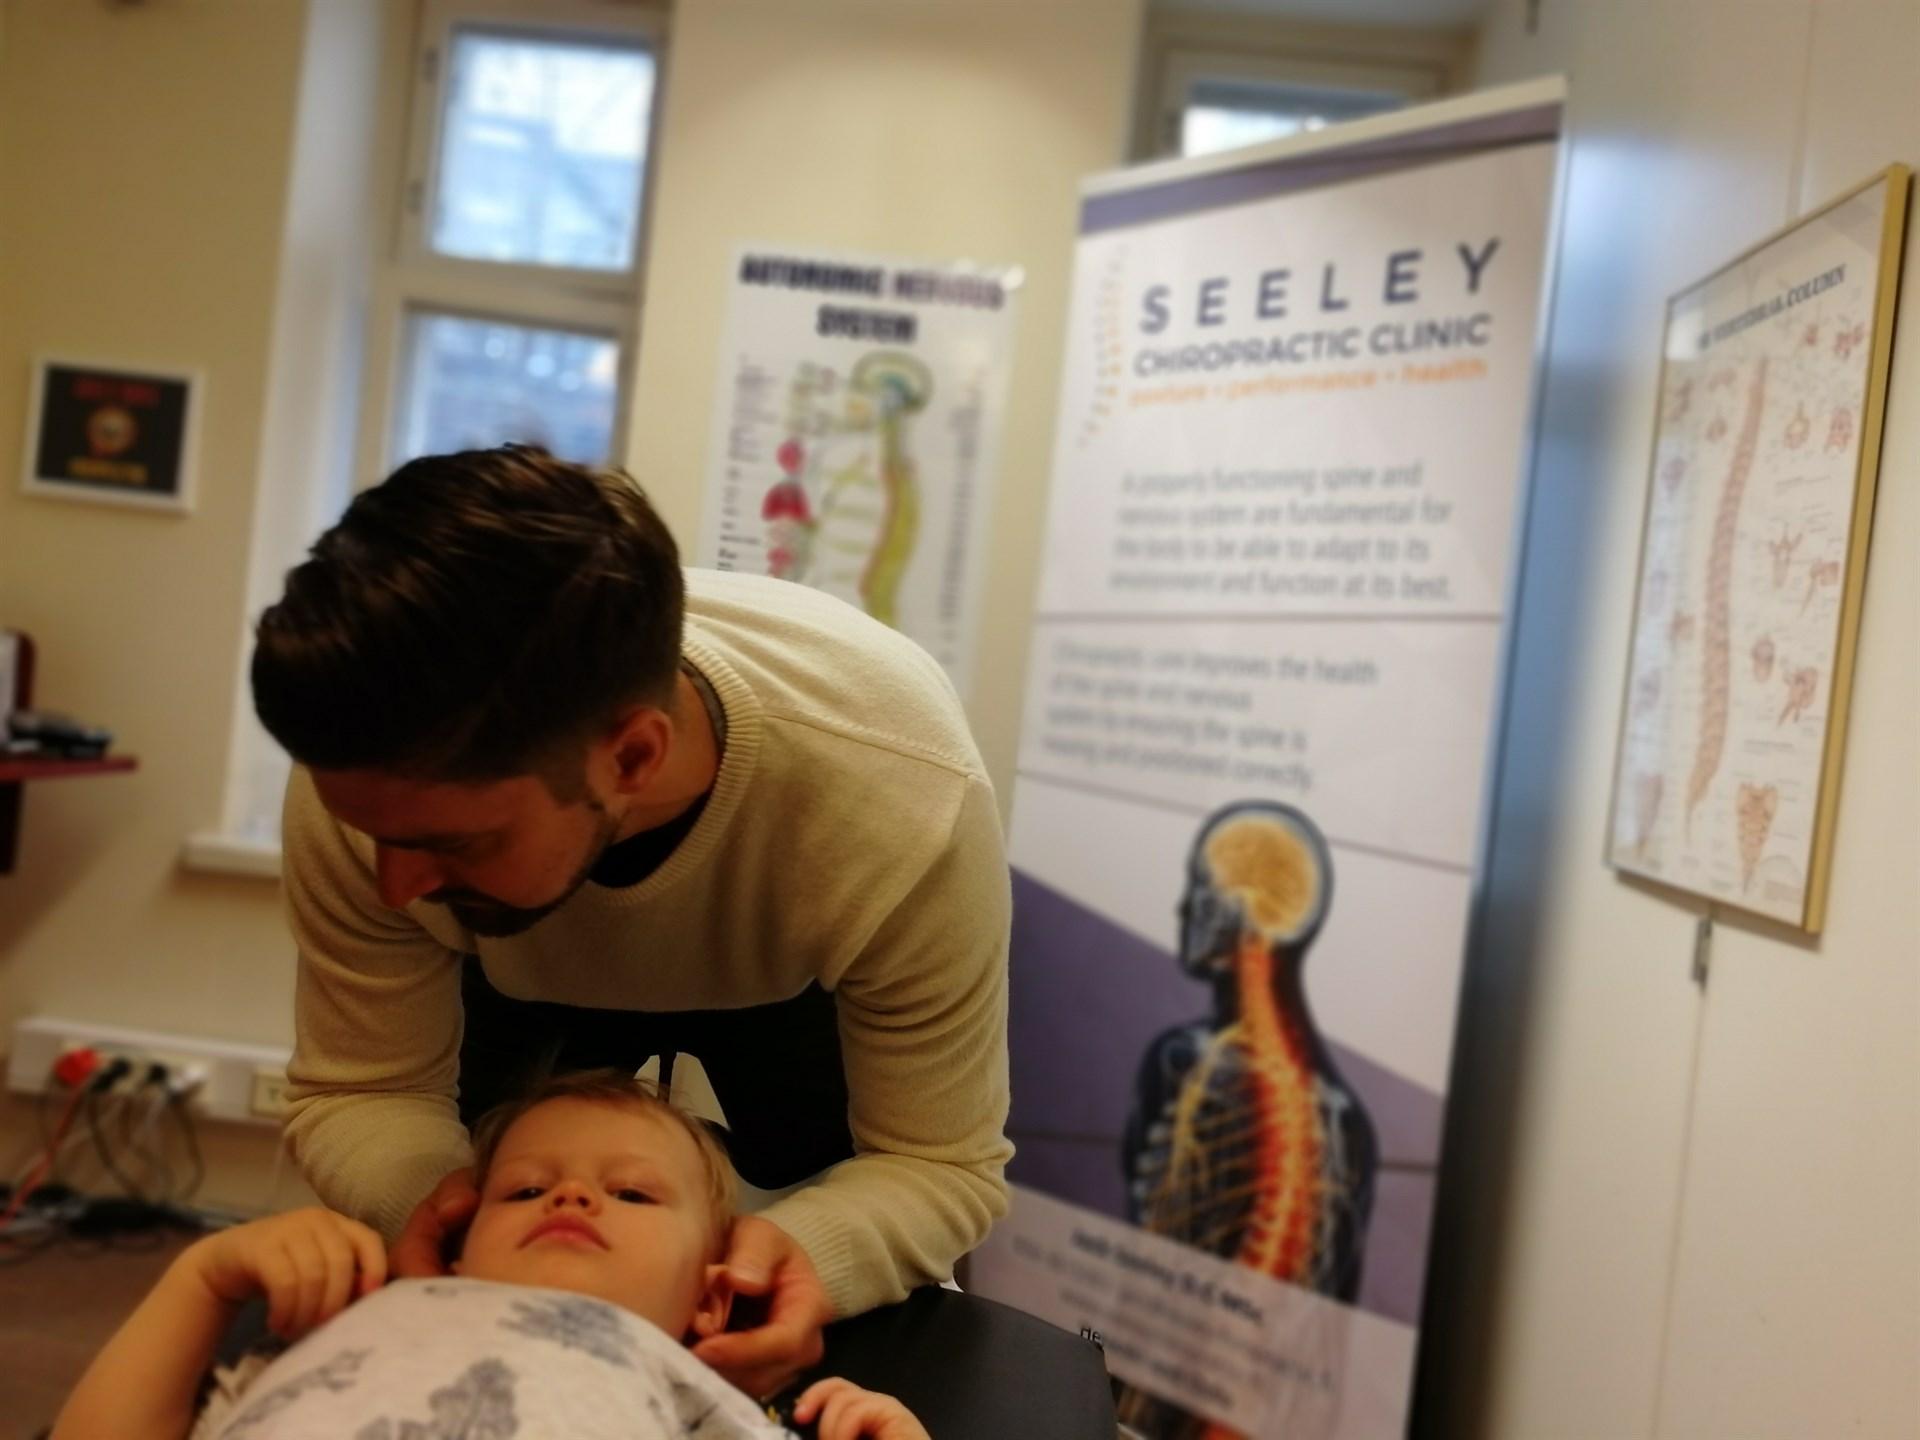 jack seeley kiropraktikko yökastelu